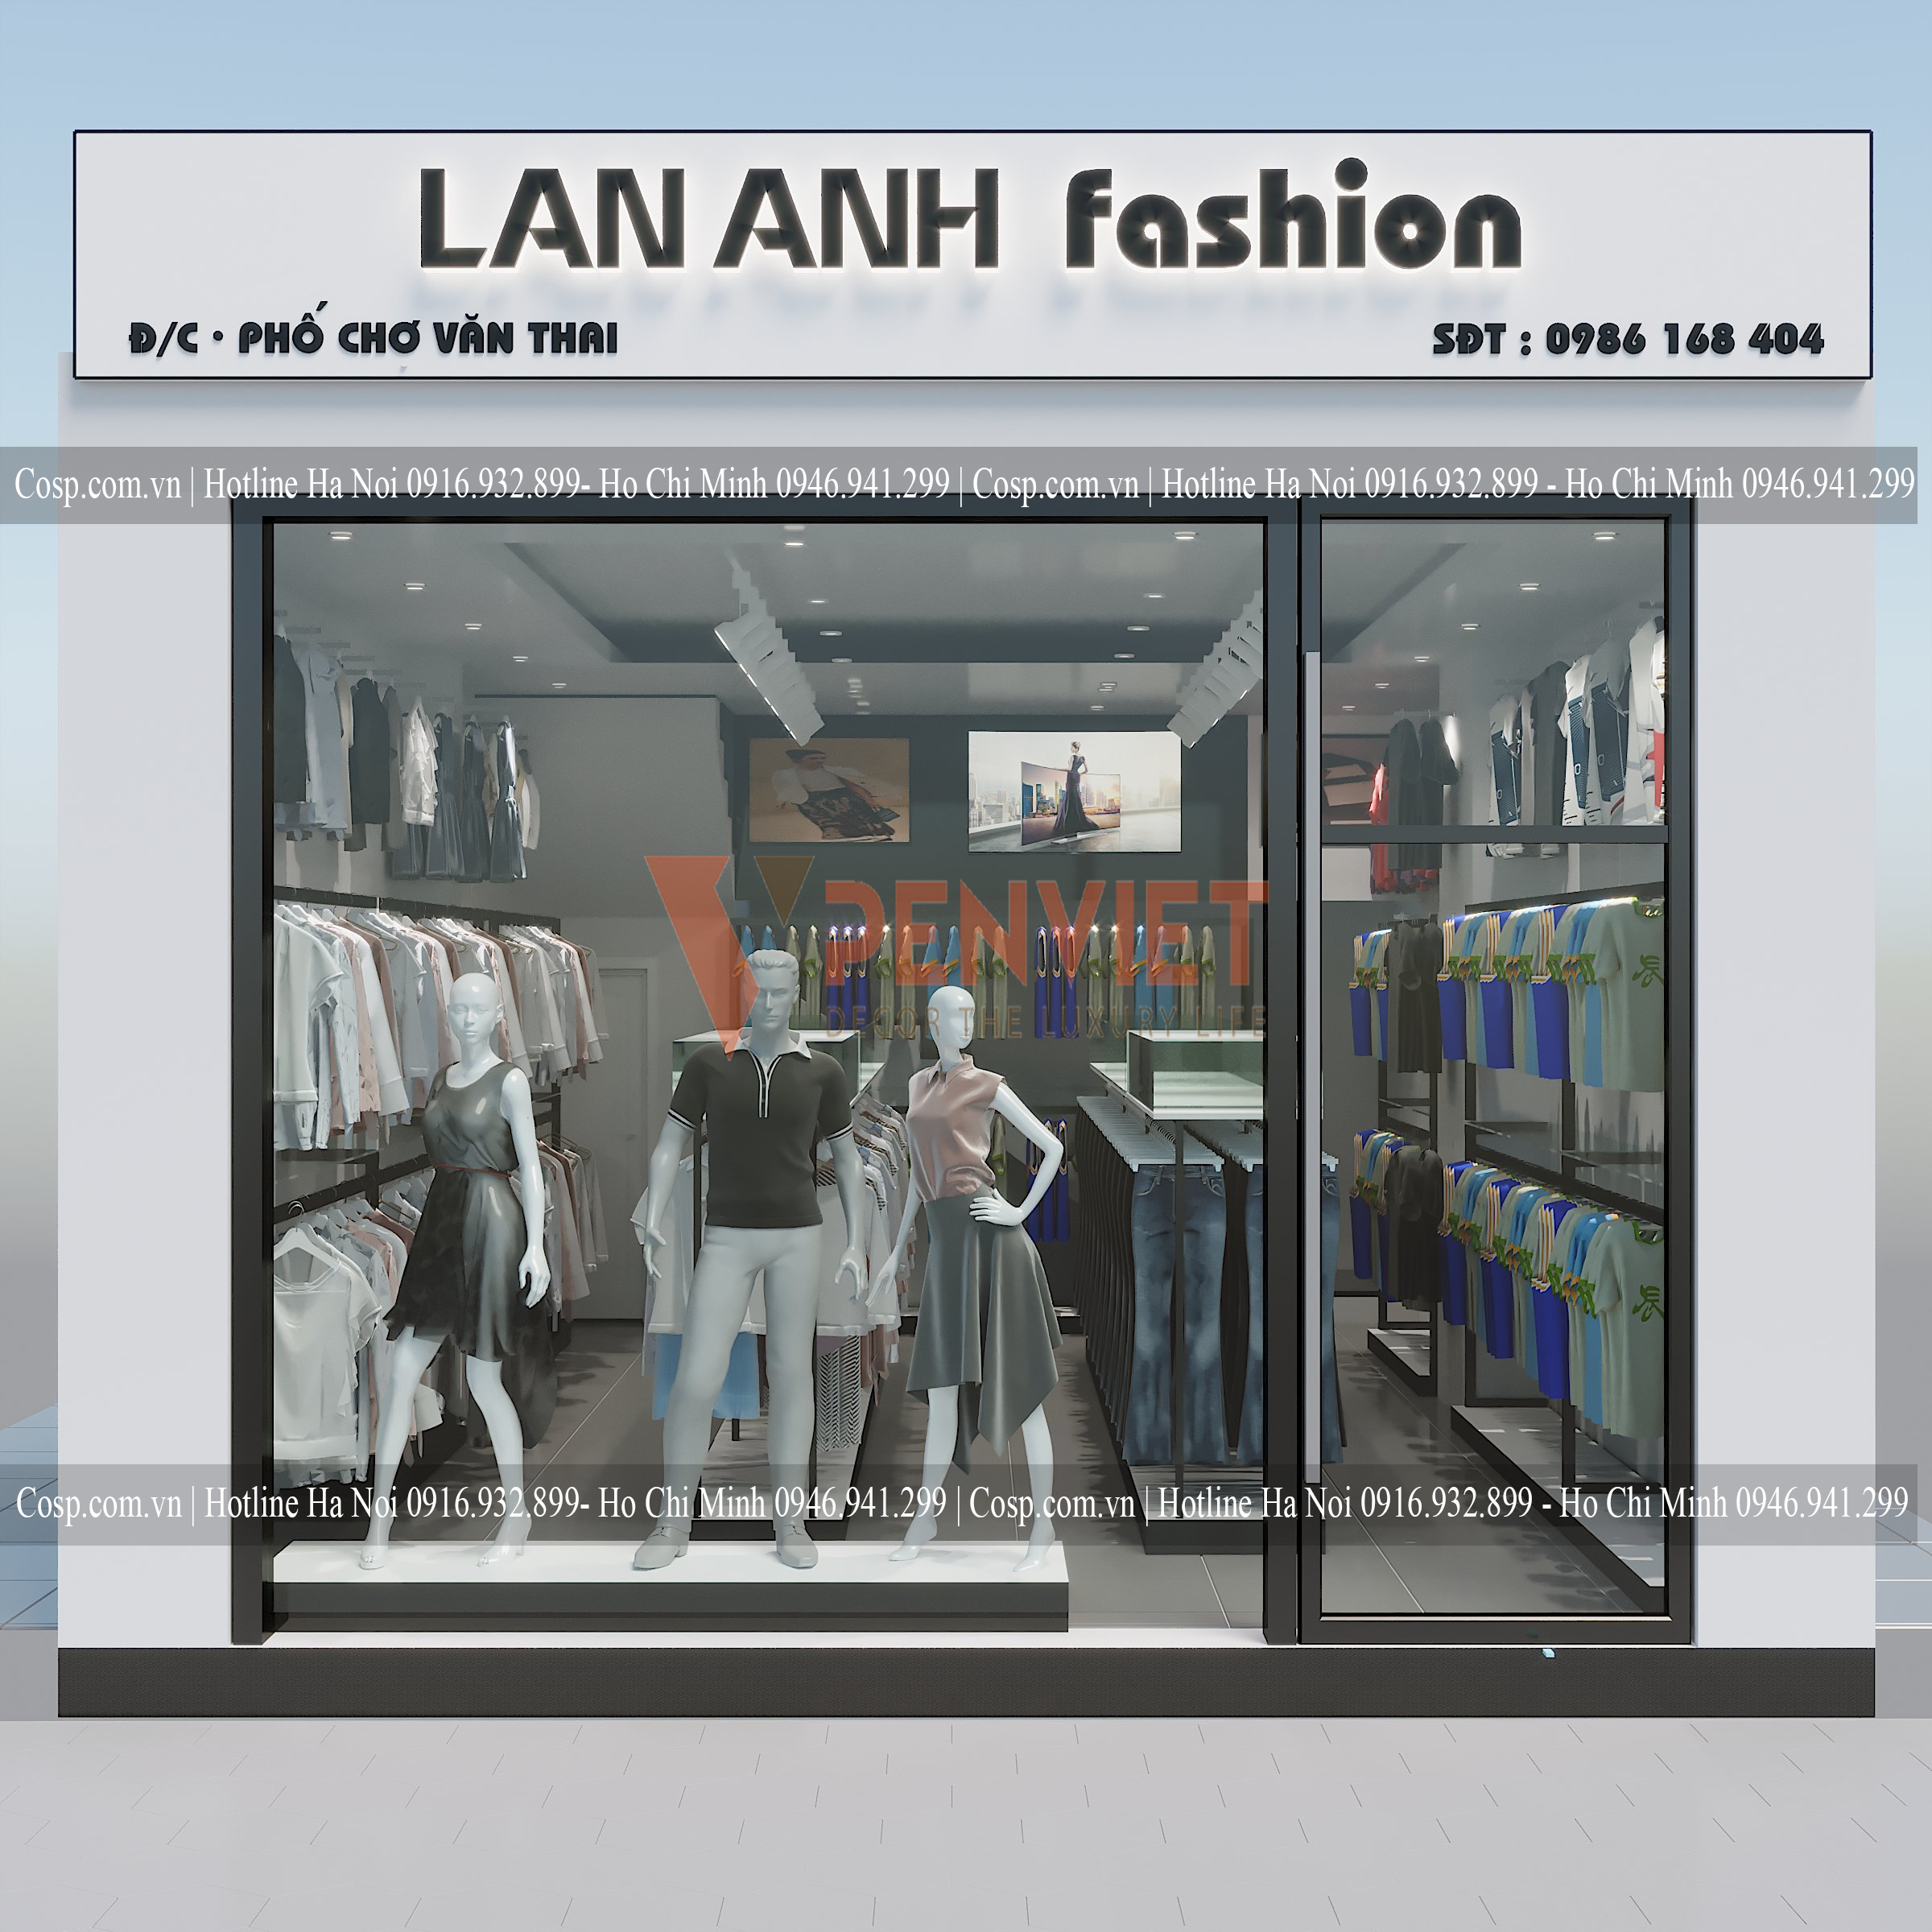 Thiết kế shop quần áo Lan Anh Fashion